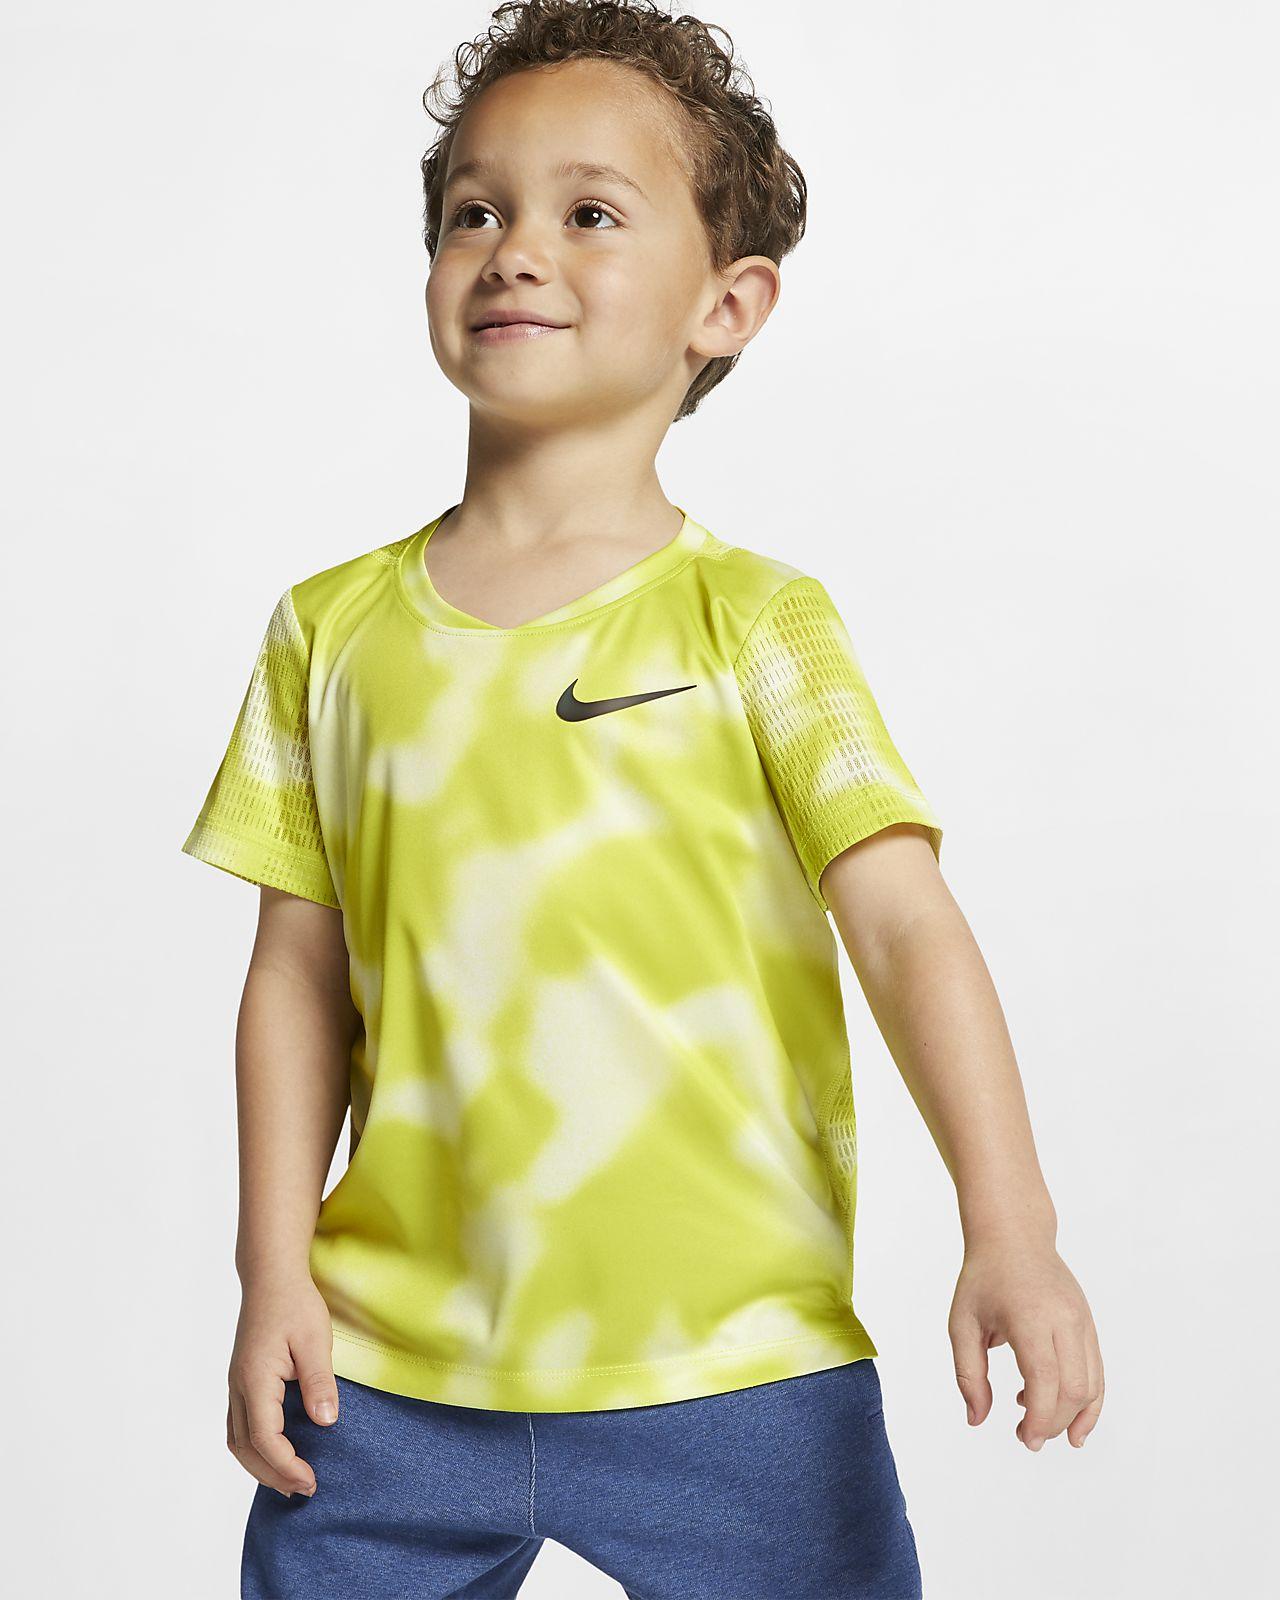 Nike Dri-FIT 幼童上衣